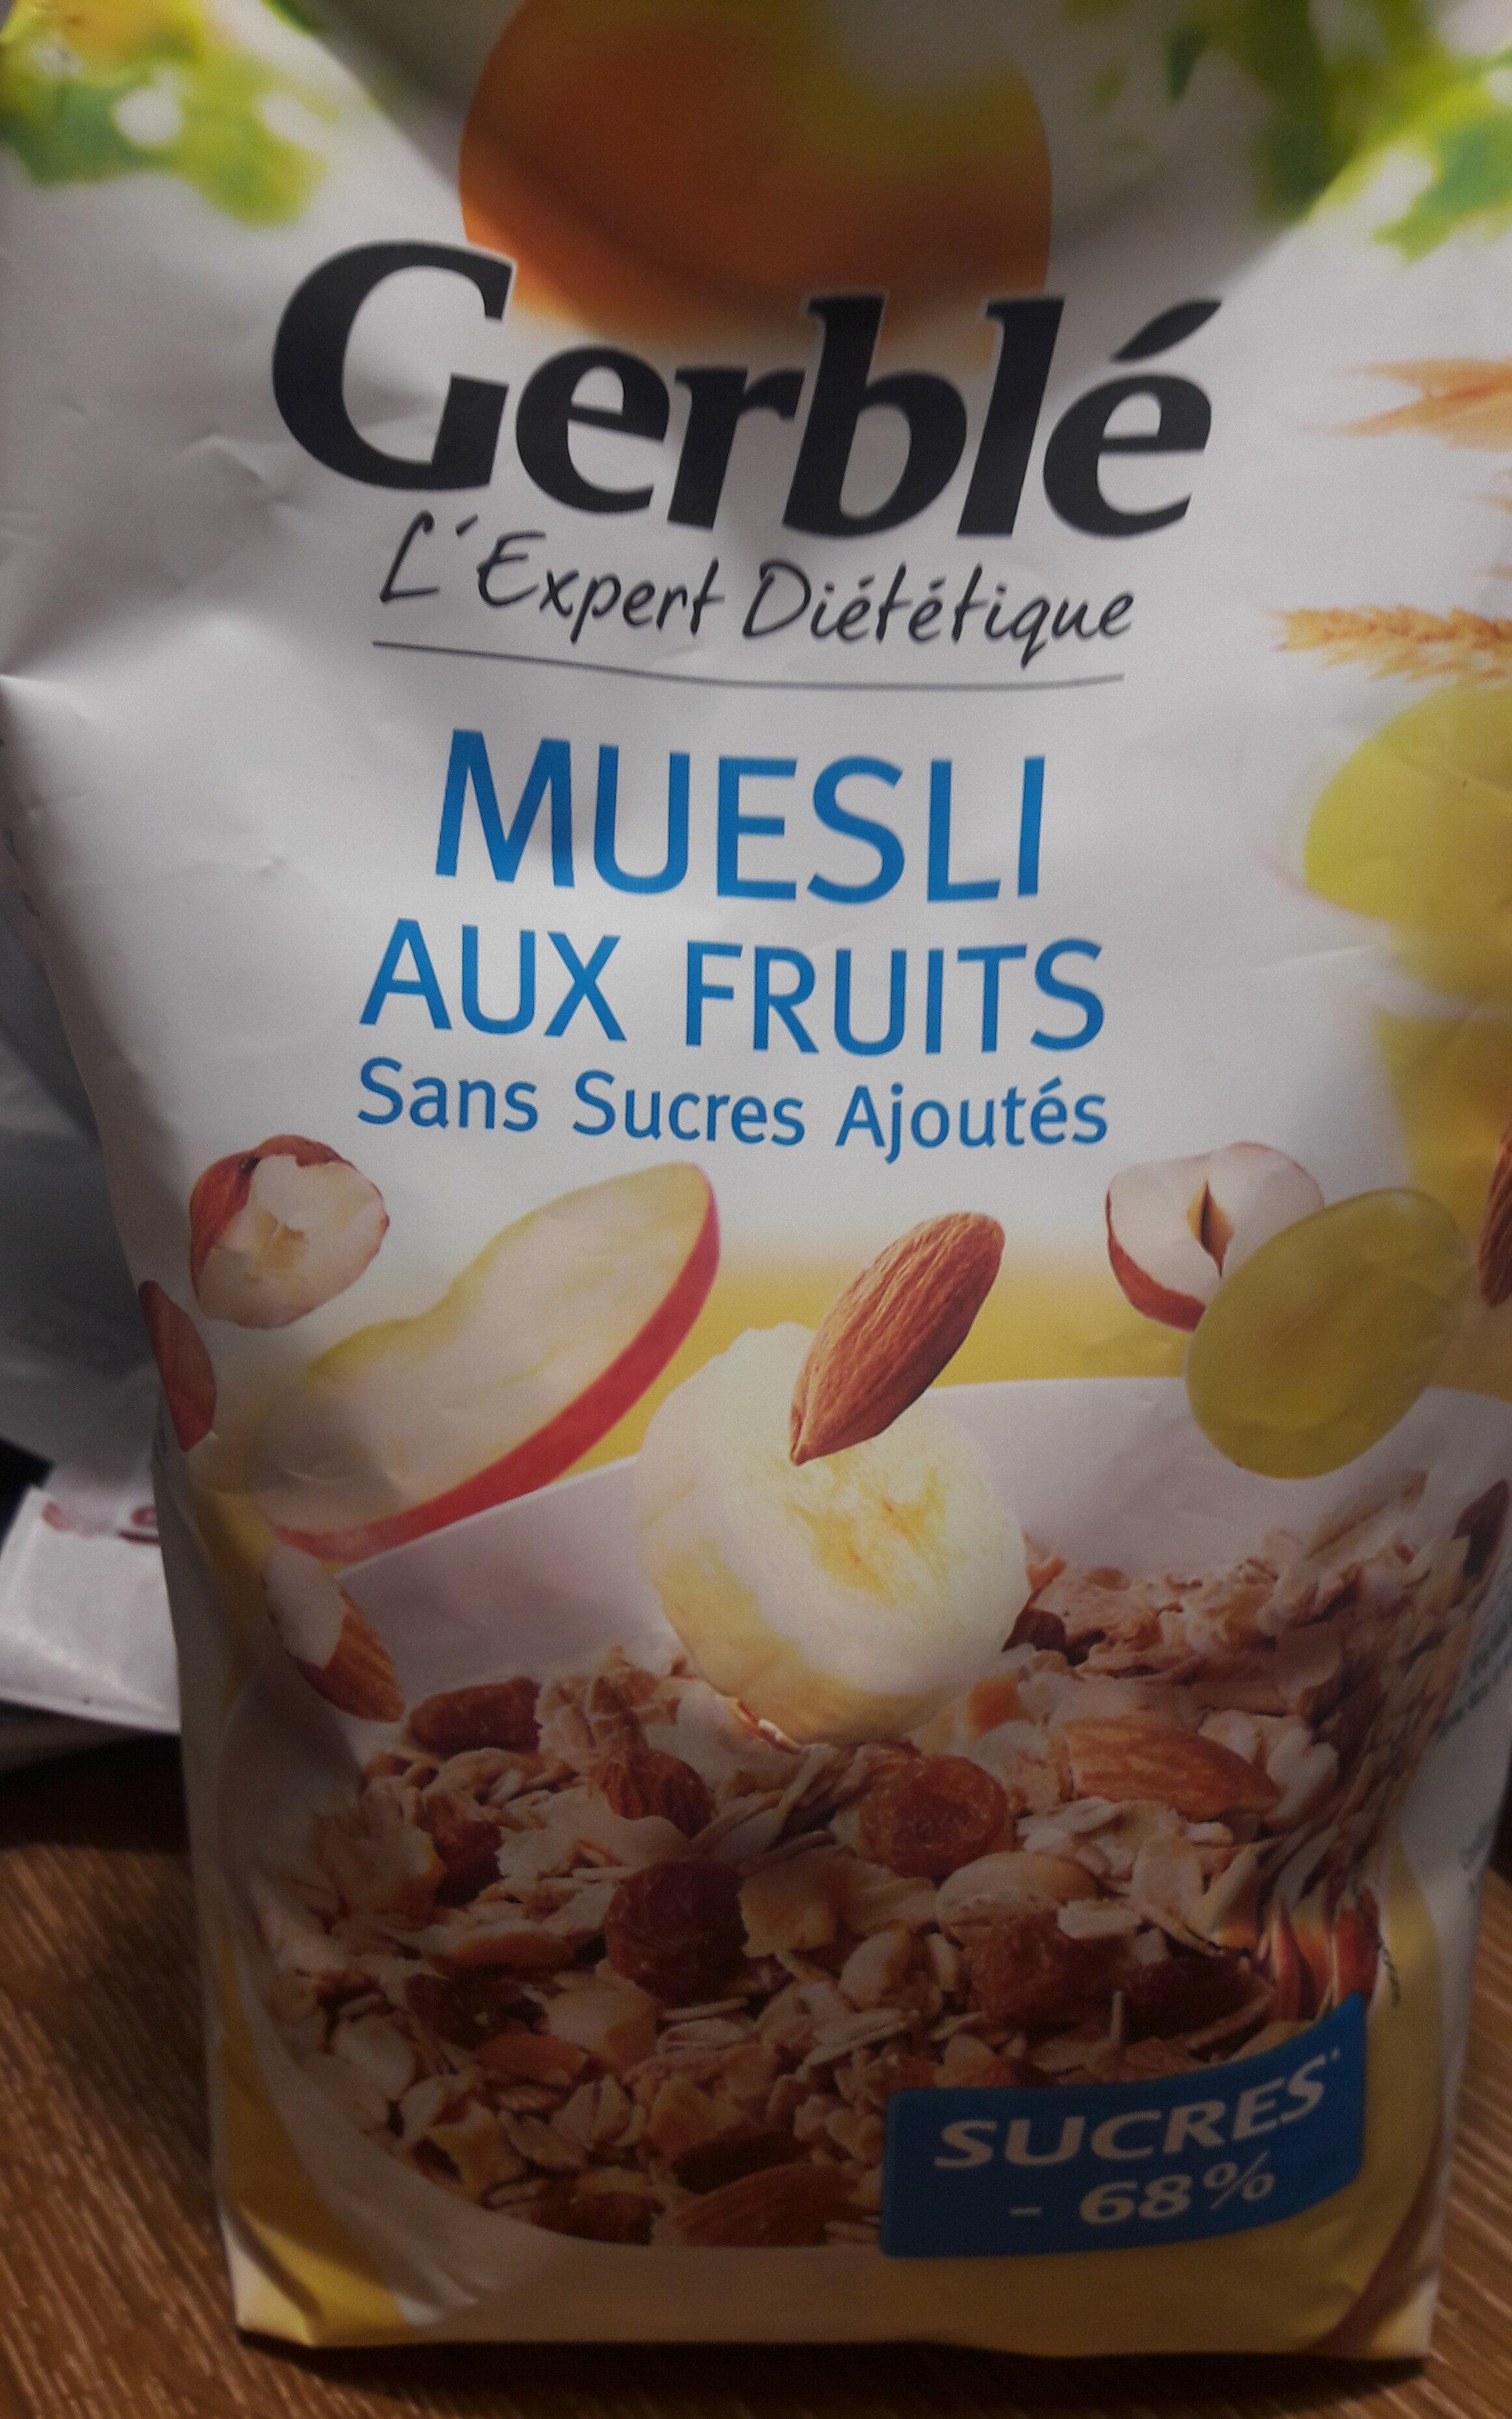 Muesli aux fruits - Produit - fr